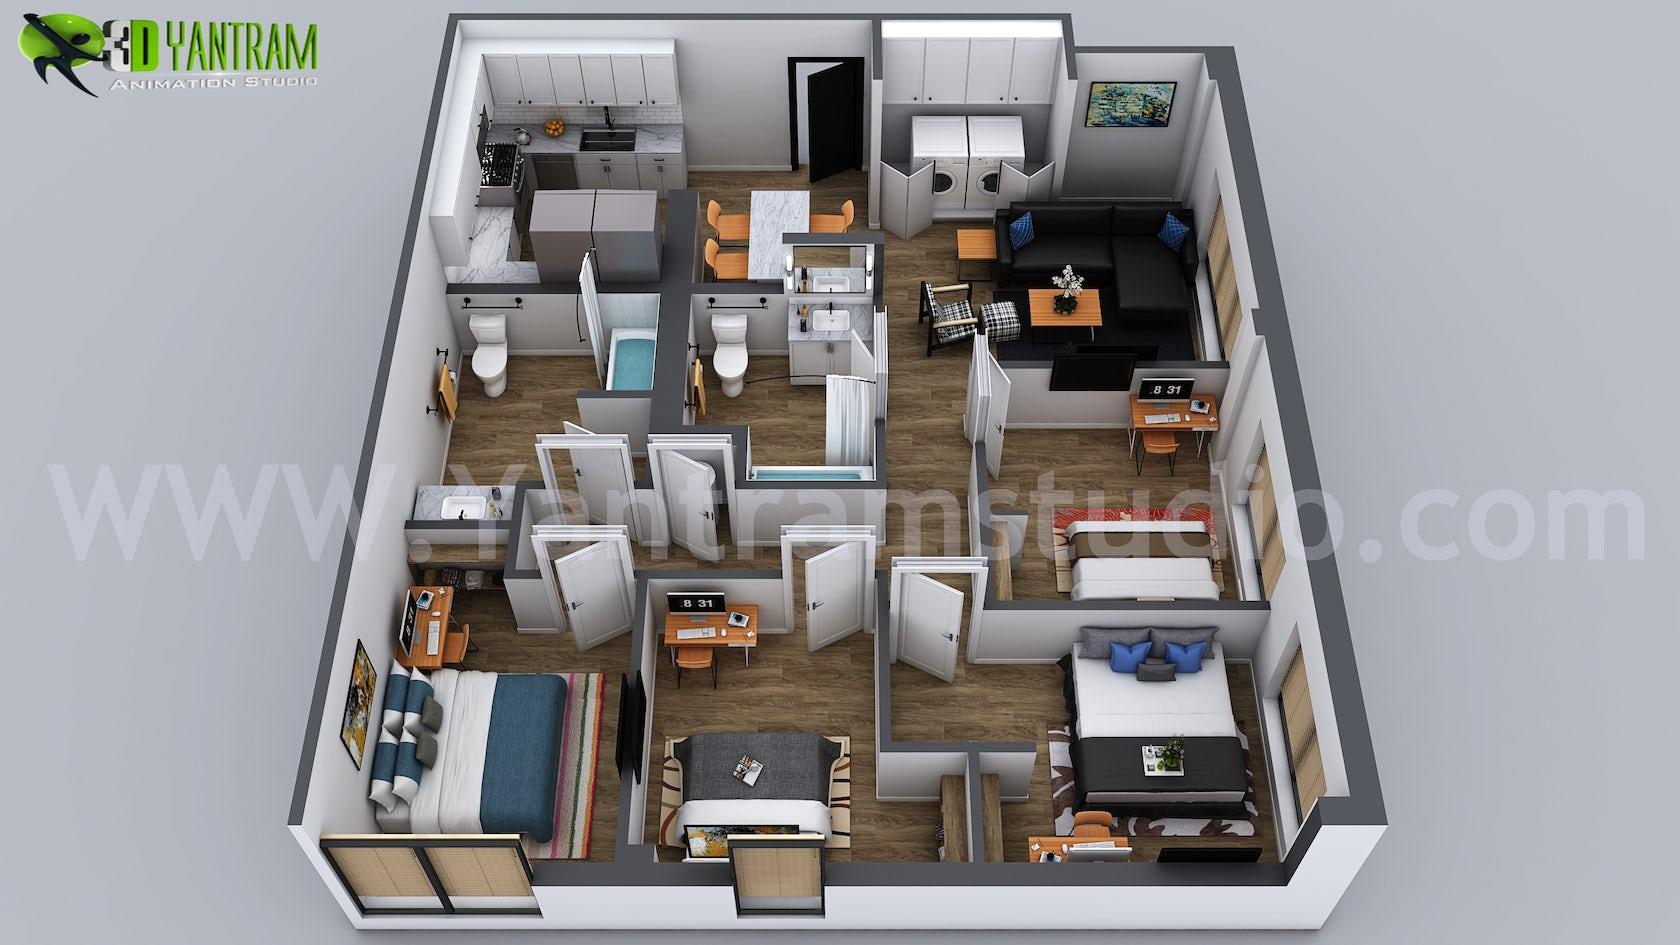 Chiropractic Office Floor Plans 60 Contemporary Designs: 3D Home Floor Plan Designs By Yantram Floor Plan Designer